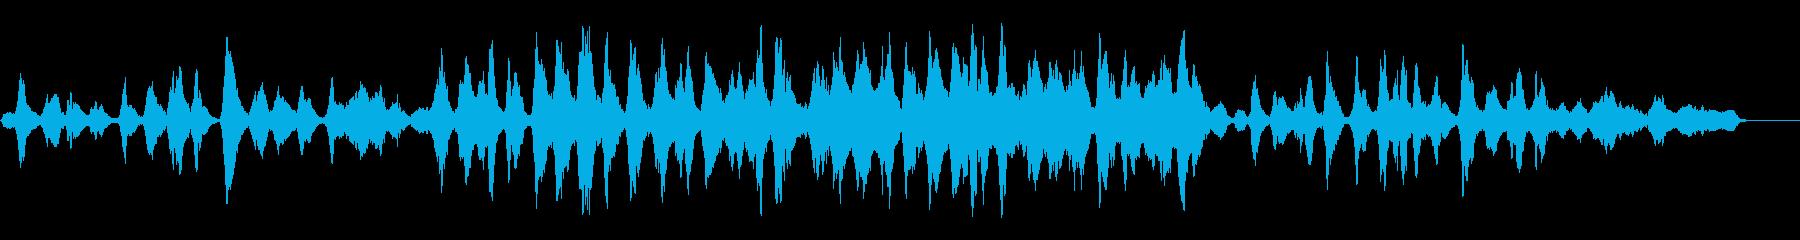 無伴奏チェロを生演奏でグリーンスリーヴスの再生済みの波形